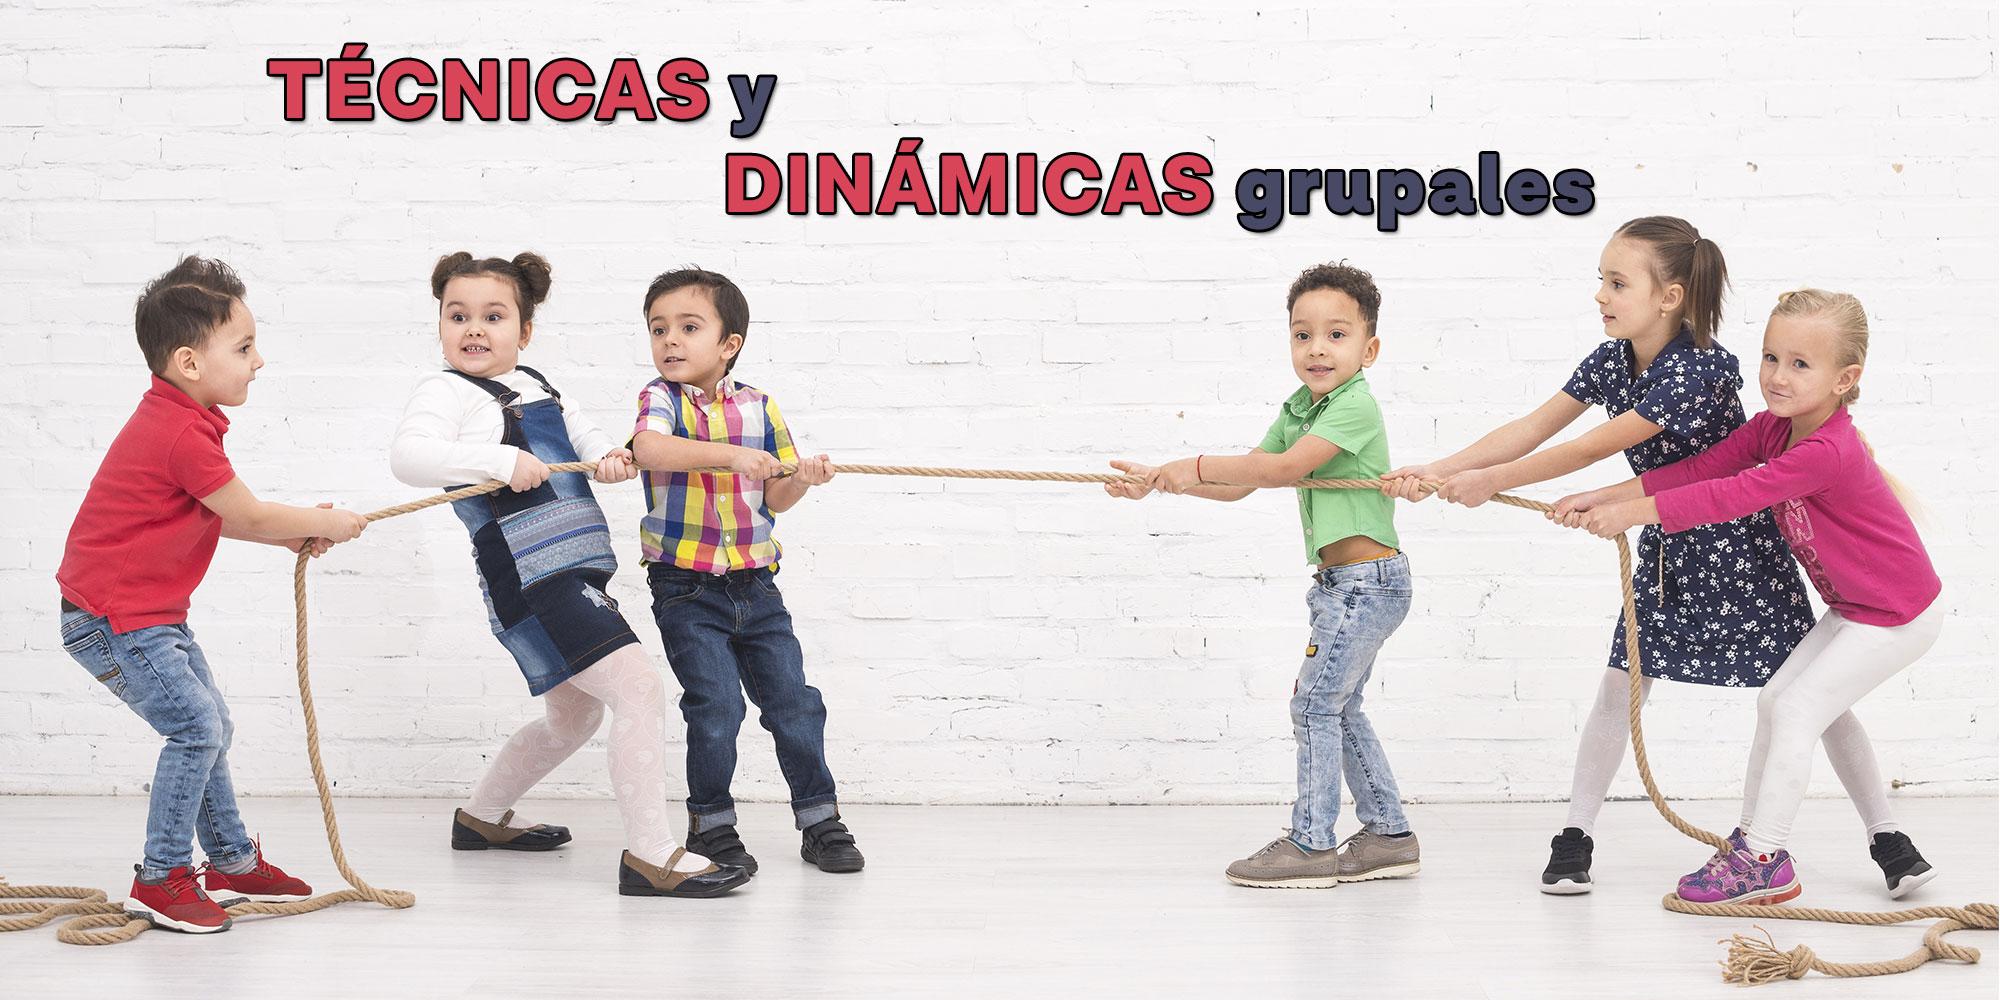 Técnicas y dinámicas grupales